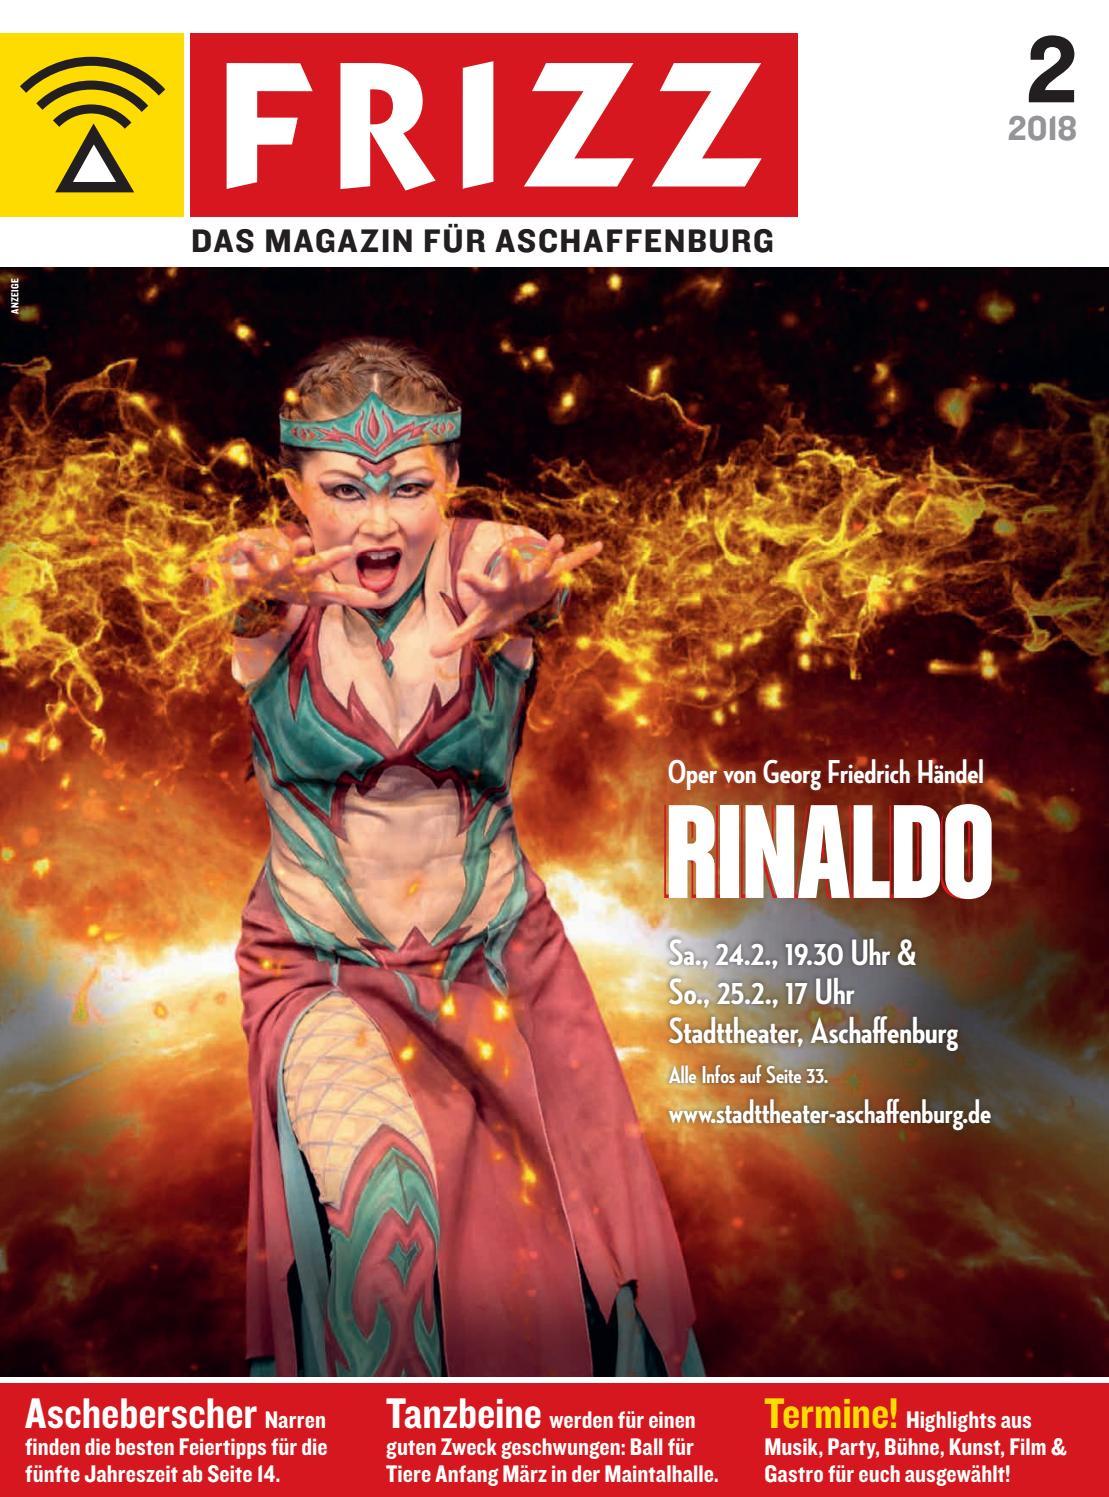 FRIZZ Aschaffenburg 02 2018 by MorgenWelt Verlag - issuu